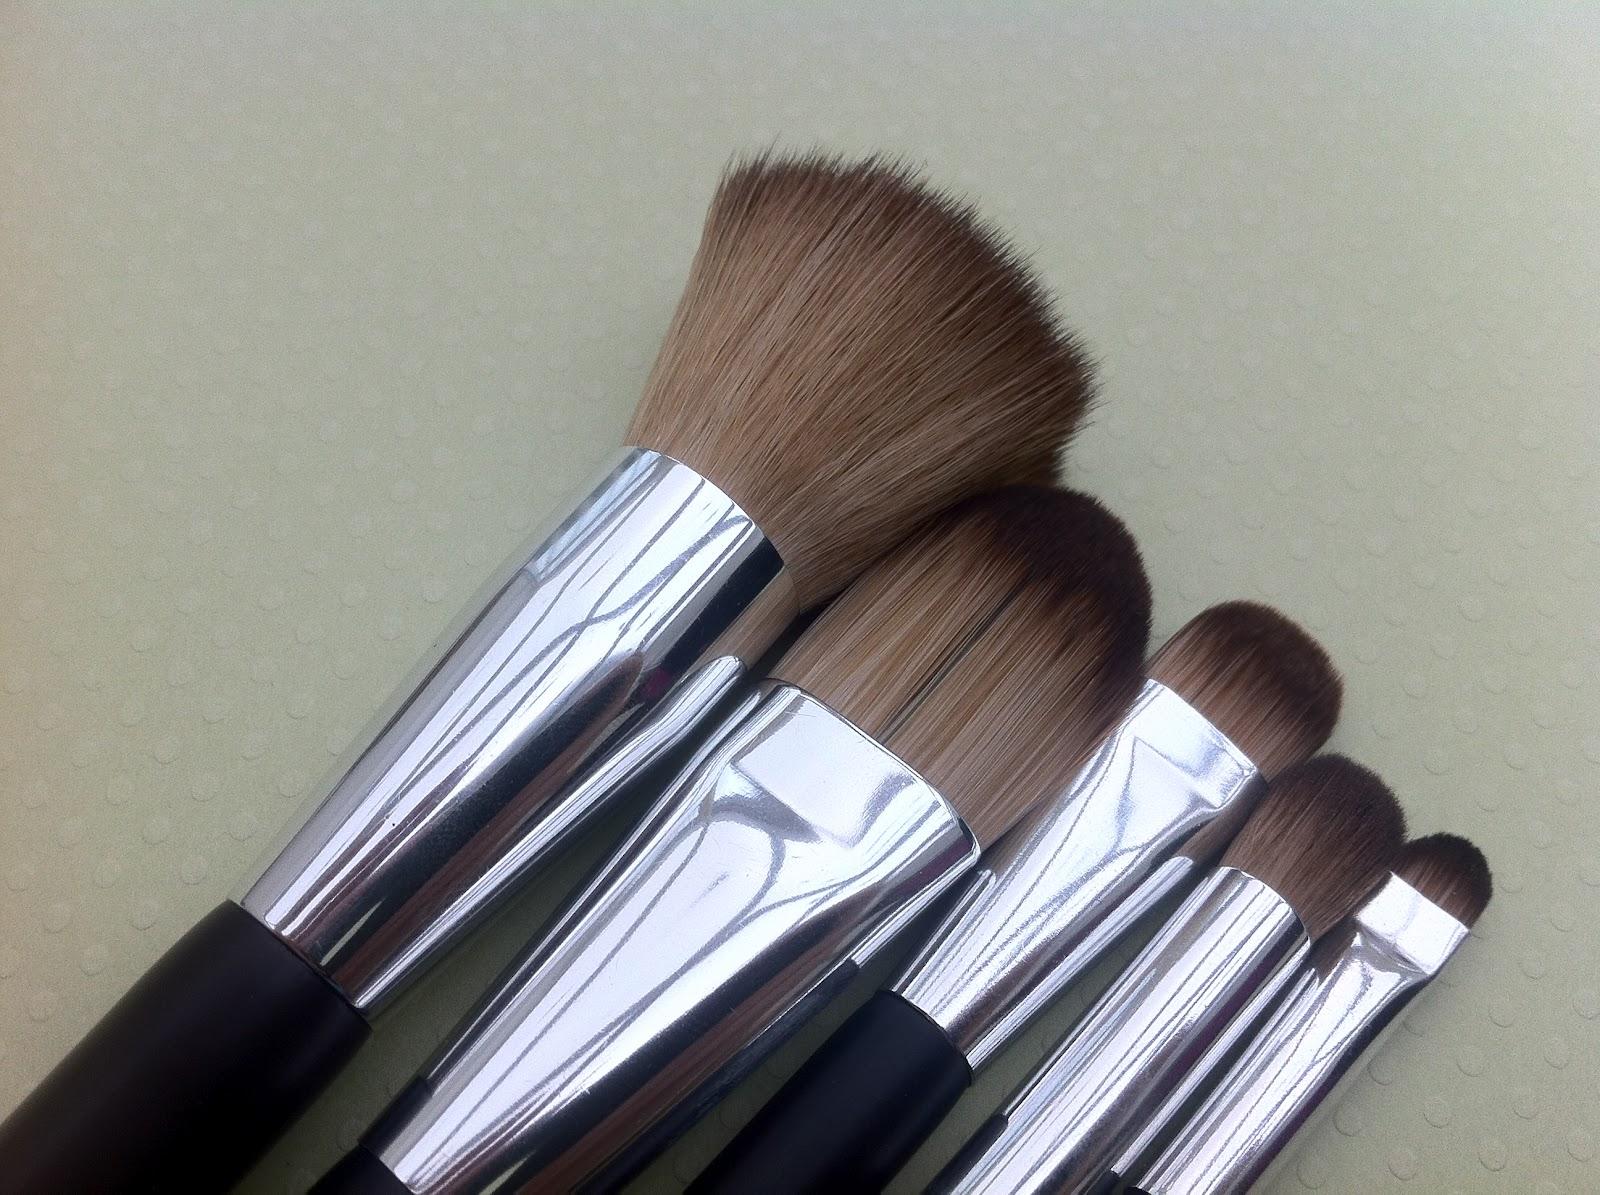 Ulta makeup brushes : Makeup-Pixi3